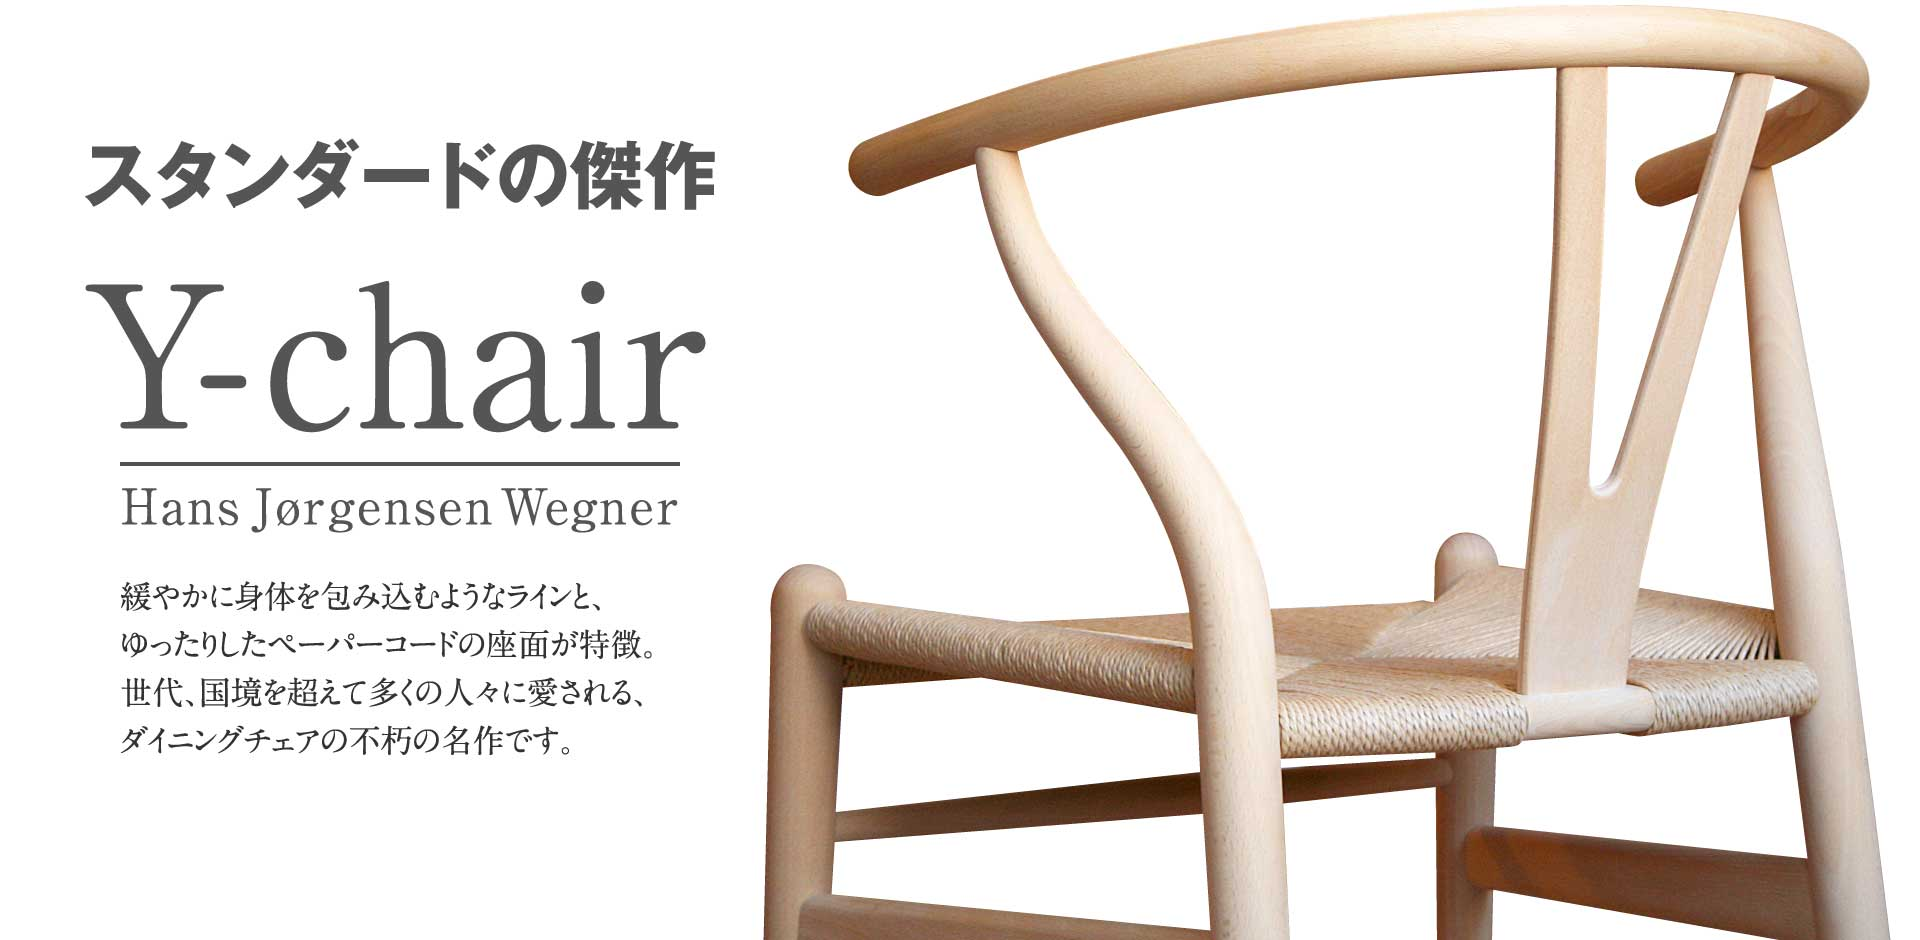 スタンダードの傑作 Y-chair 緩やかに身体を包み込むようなラインと、ゆったりしたペーパーコードの座面が特徴。世代、国境を超えて多くの人々に愛される、ダイニングチェアの不朽の名作です。